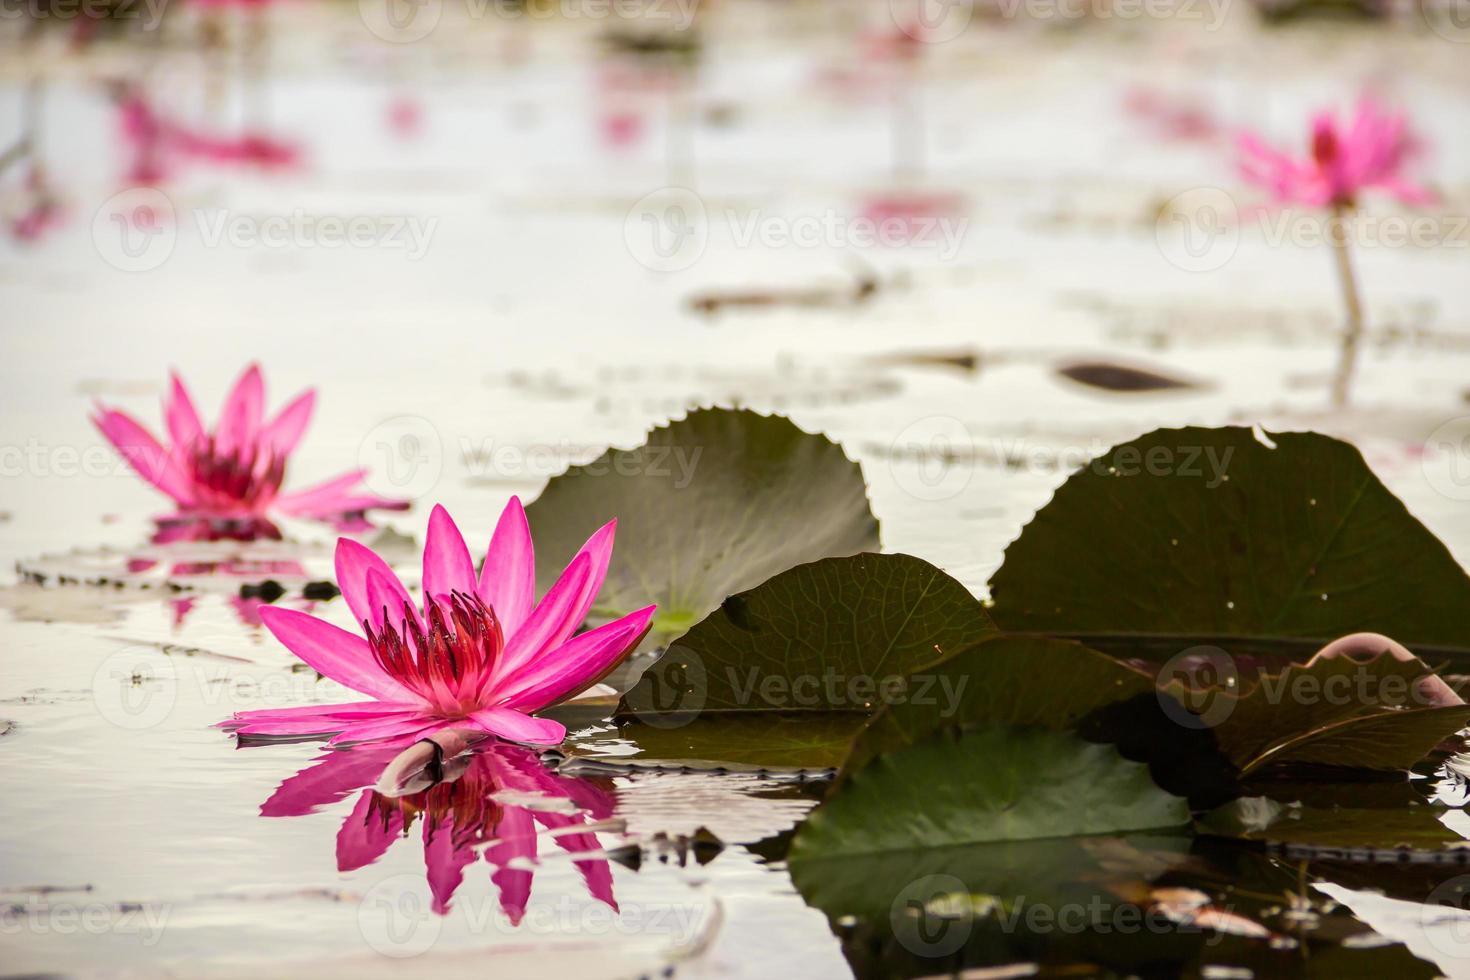 lago de campo de lótus grande em udon thani da Tailândia foto